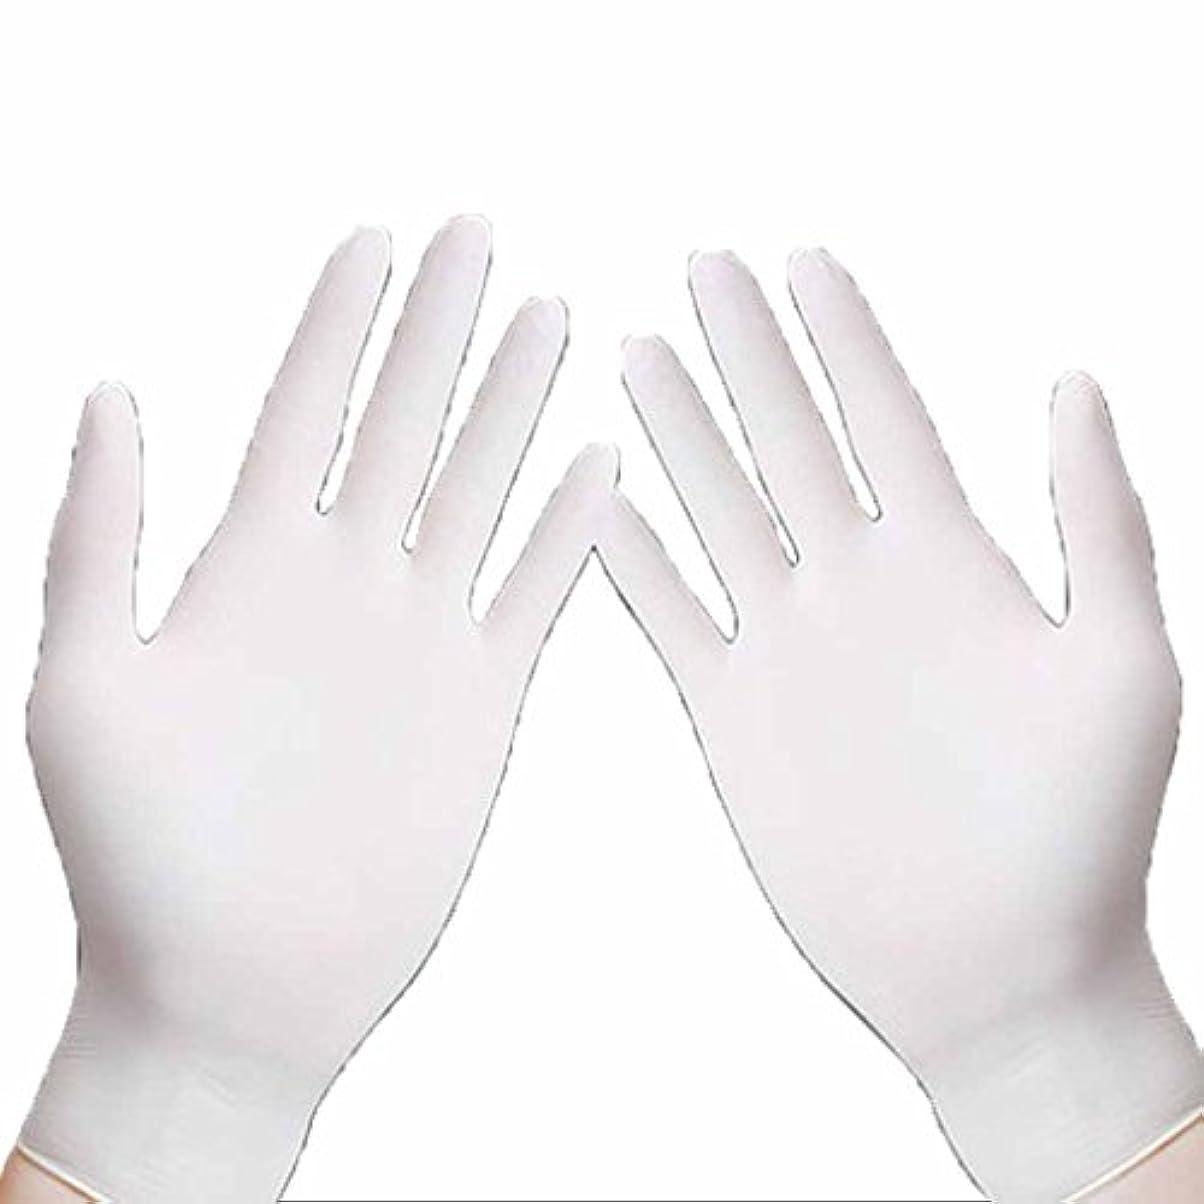 食堂想像力豊かな豚使い捨て手袋 ホワイトニトリル防水通気性使い捨て手袋高弾性抗公害緑の手袋 (Size : XL)